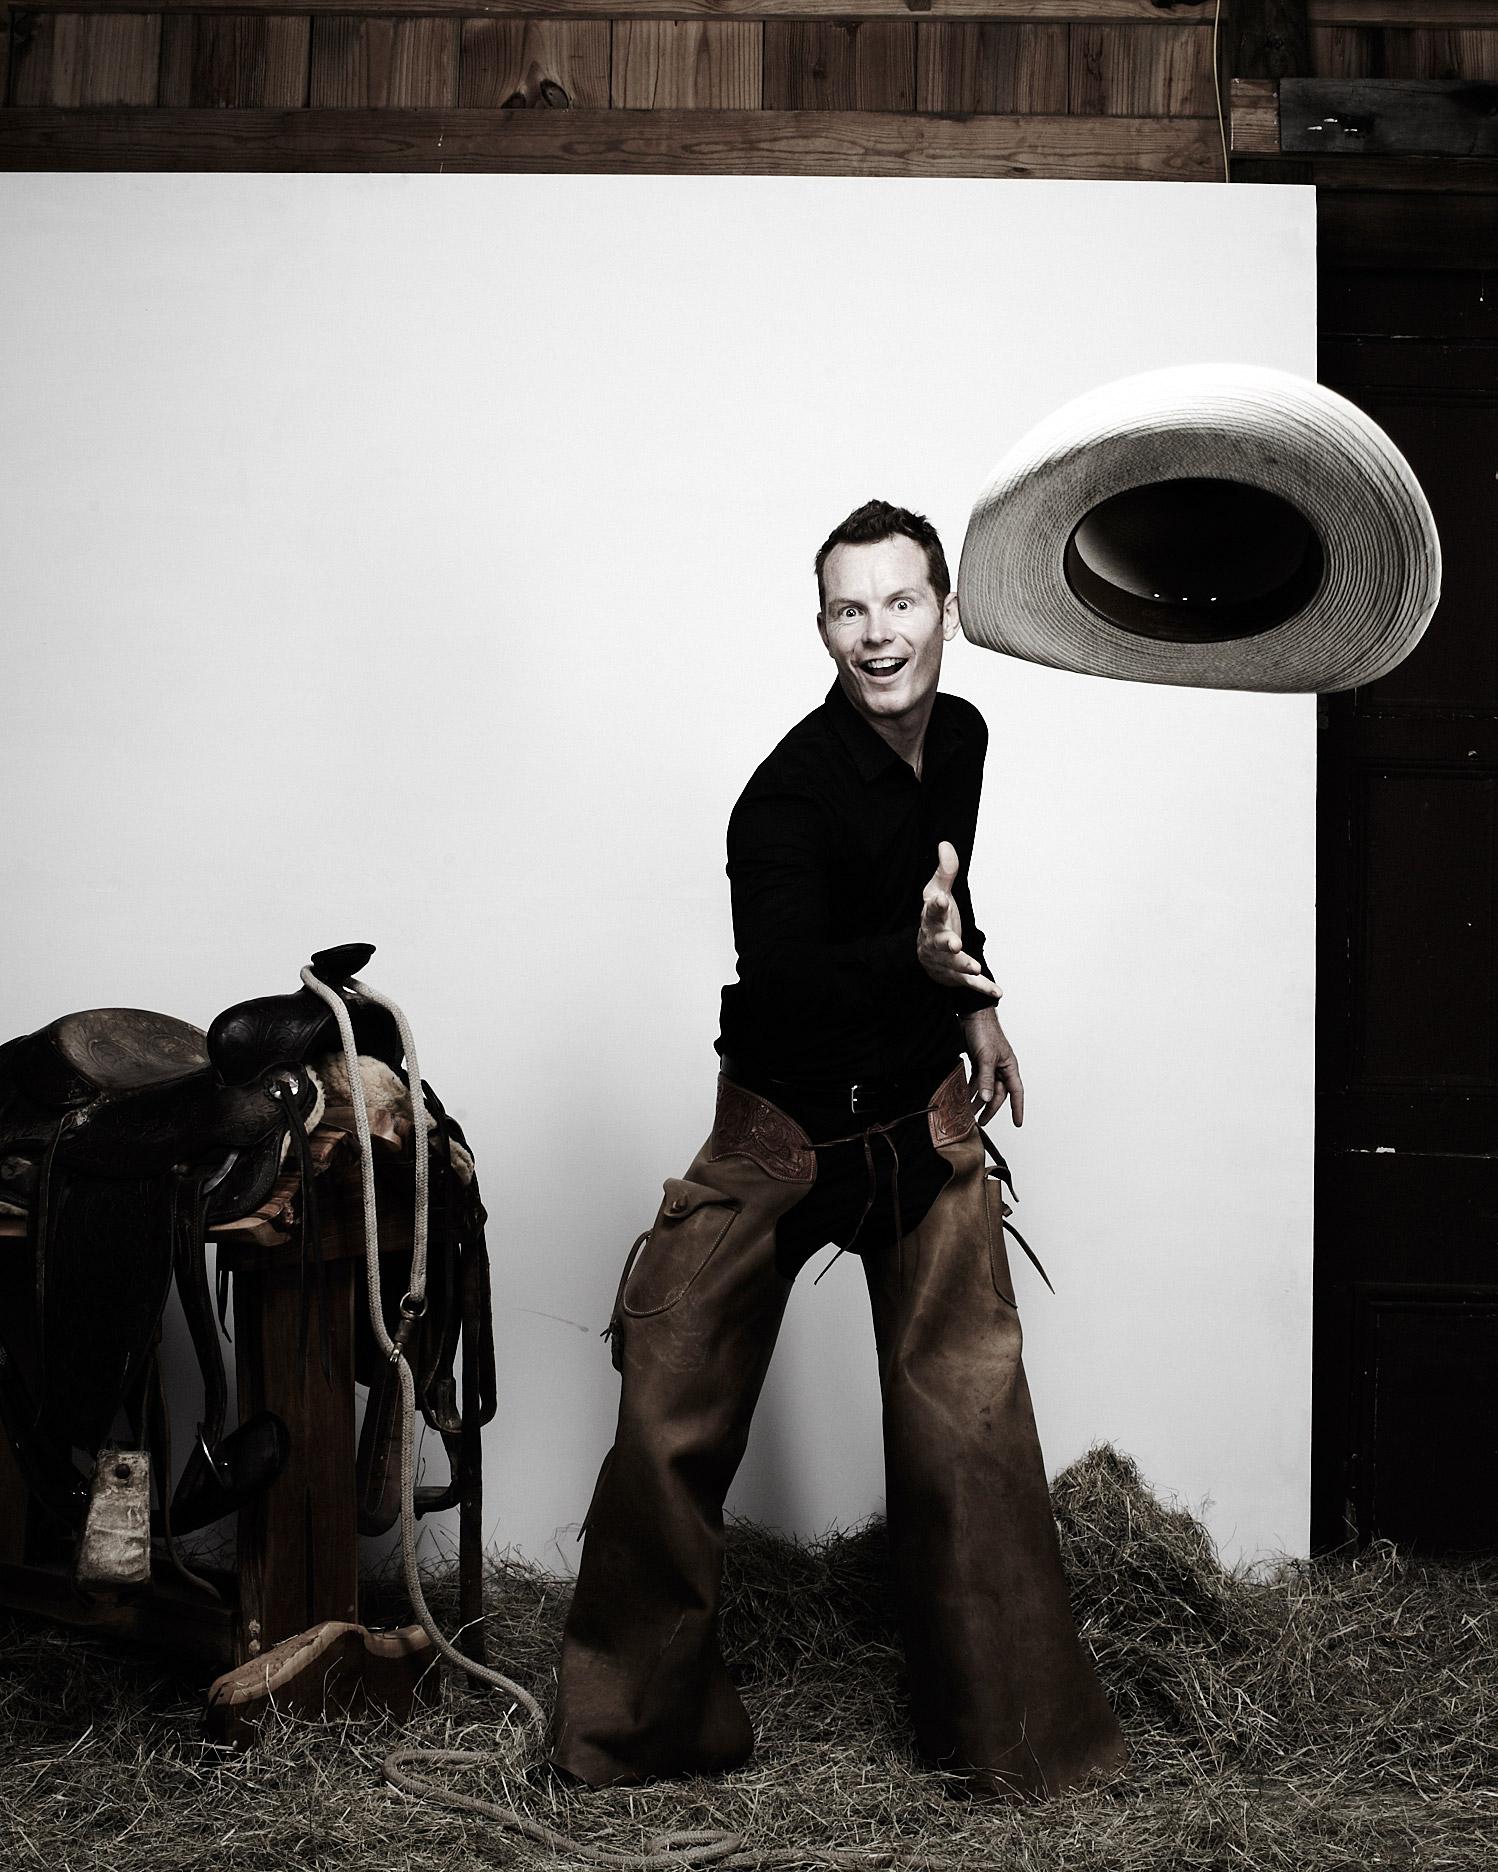 rw-ellie-shawn-cowboy-hat-110423.jpg